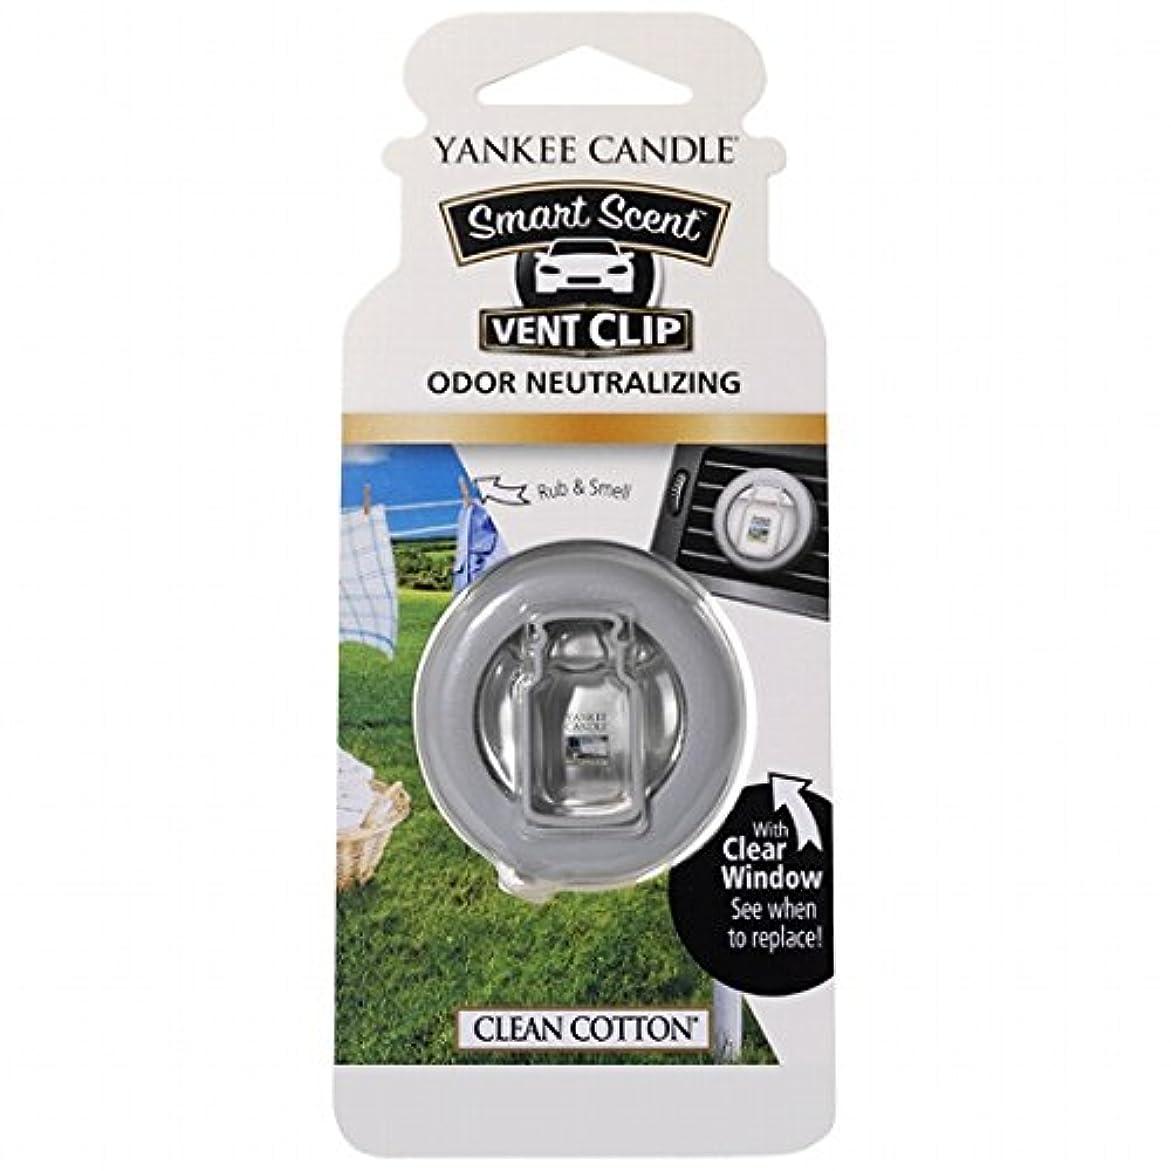 スカート見つけた叱るカメヤマキャンドル(kameyama candle) YANKEE CANDLE カーフレグランスクリップ 「 クリーンコットン 」